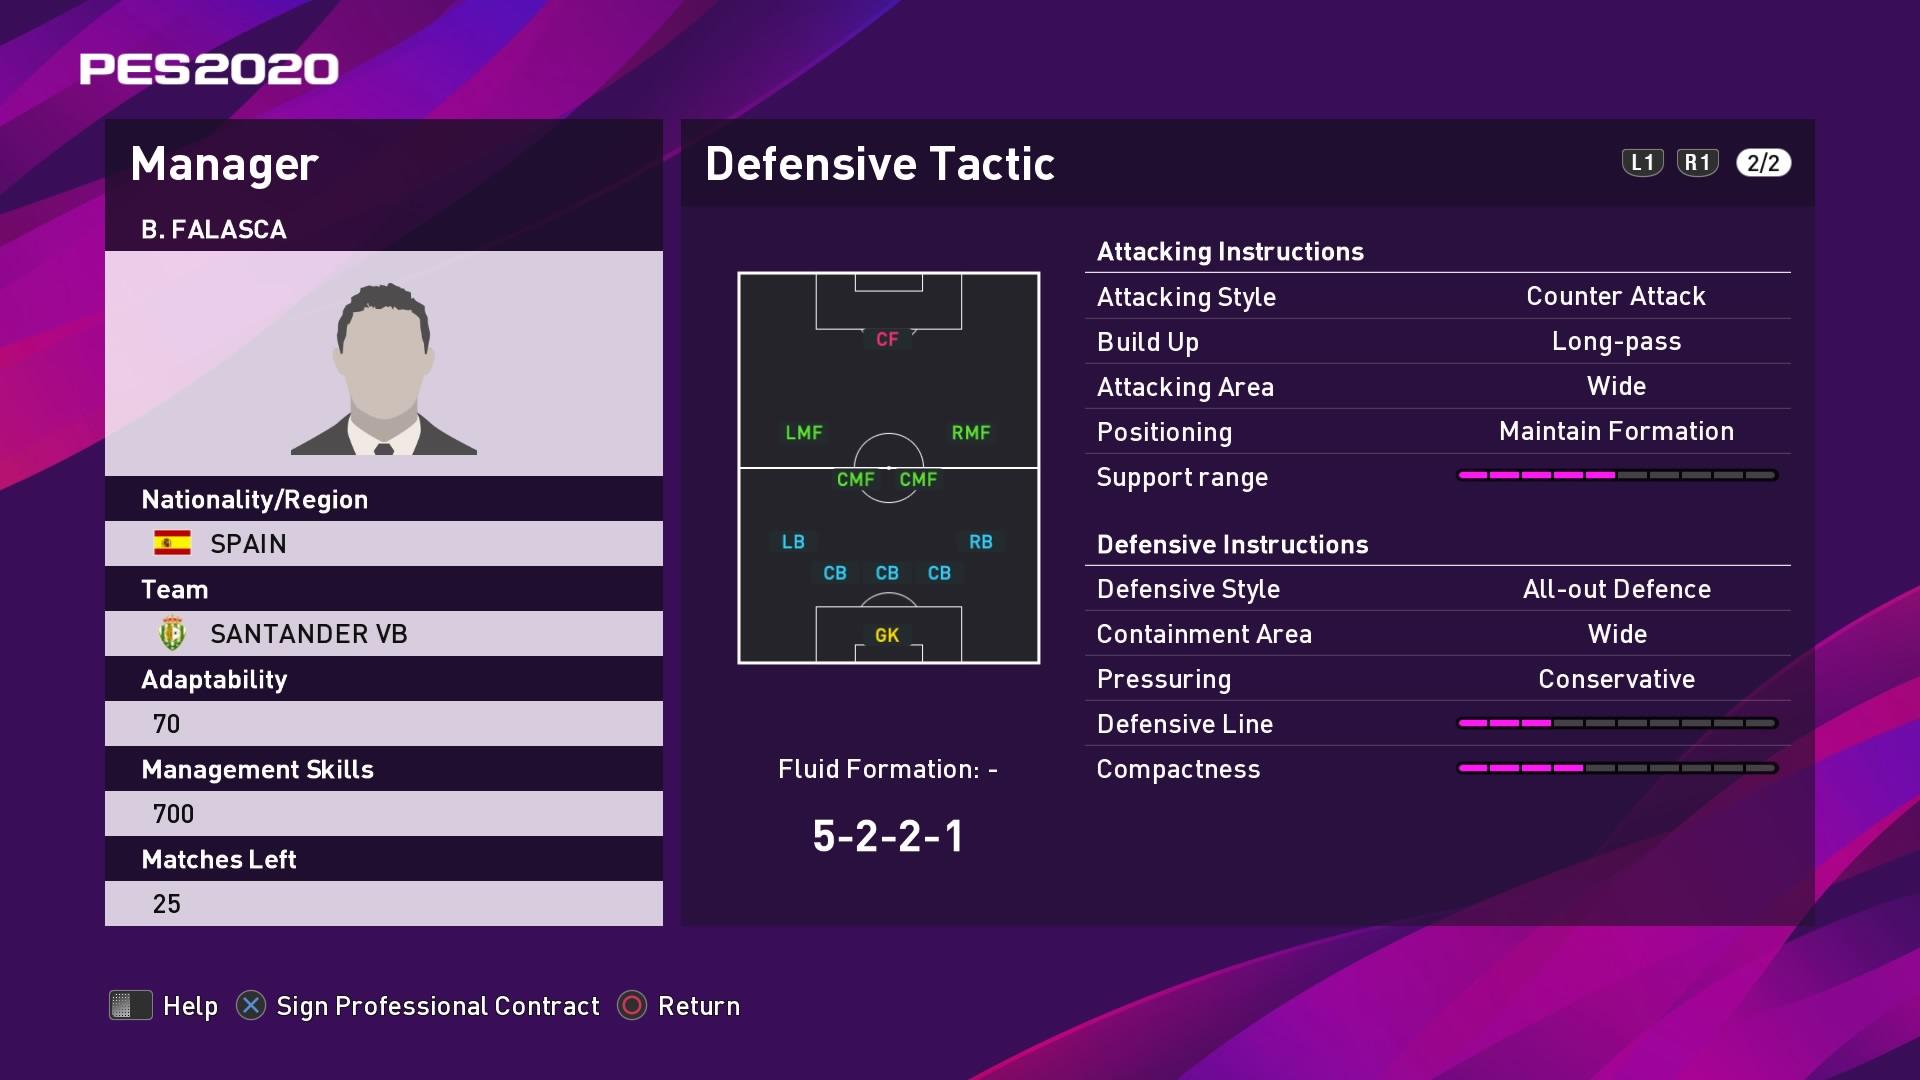 B. Falasca (José Luis Oltra) Defensive Tactic in PES 2020 myClub